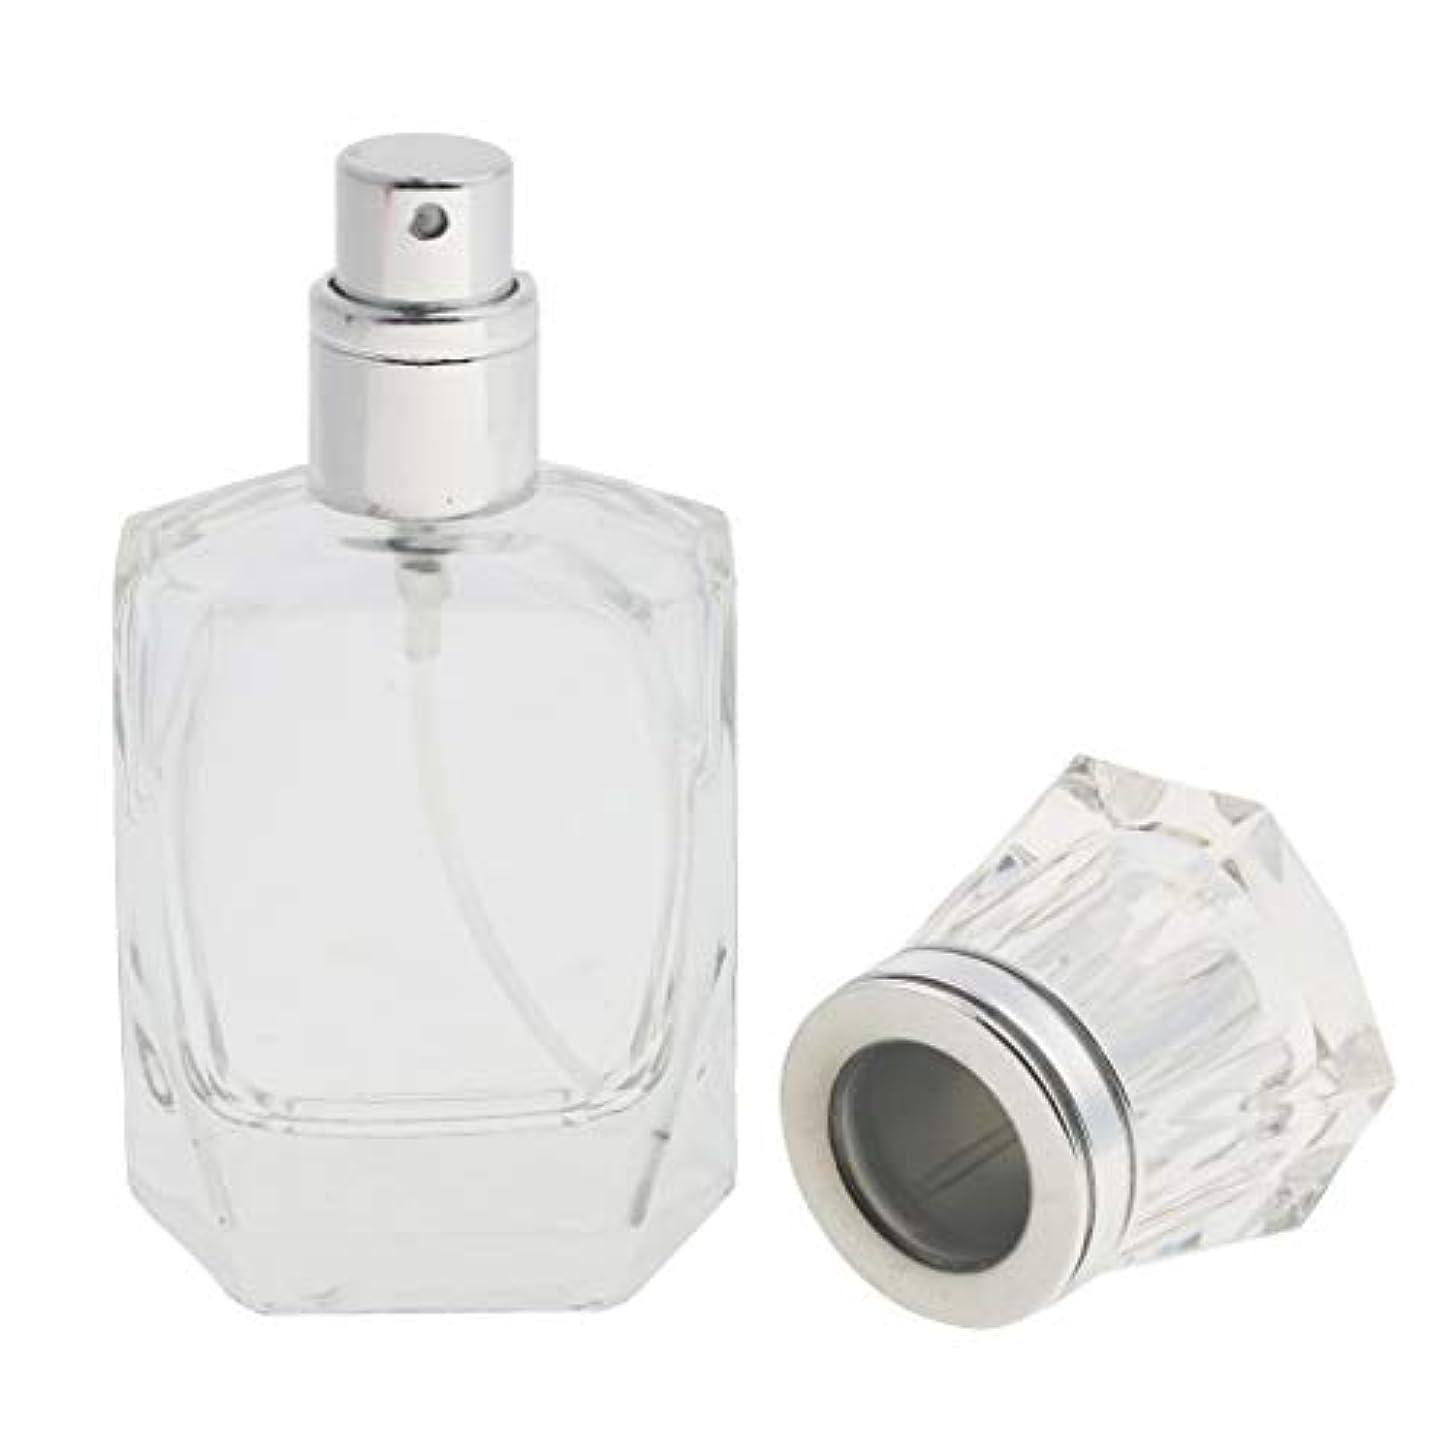 漏斗デュアル冗談でCUTICATE 香水ボトル 化粧ボトル ガラス ミストボトル 30ml クリア 旅行小物